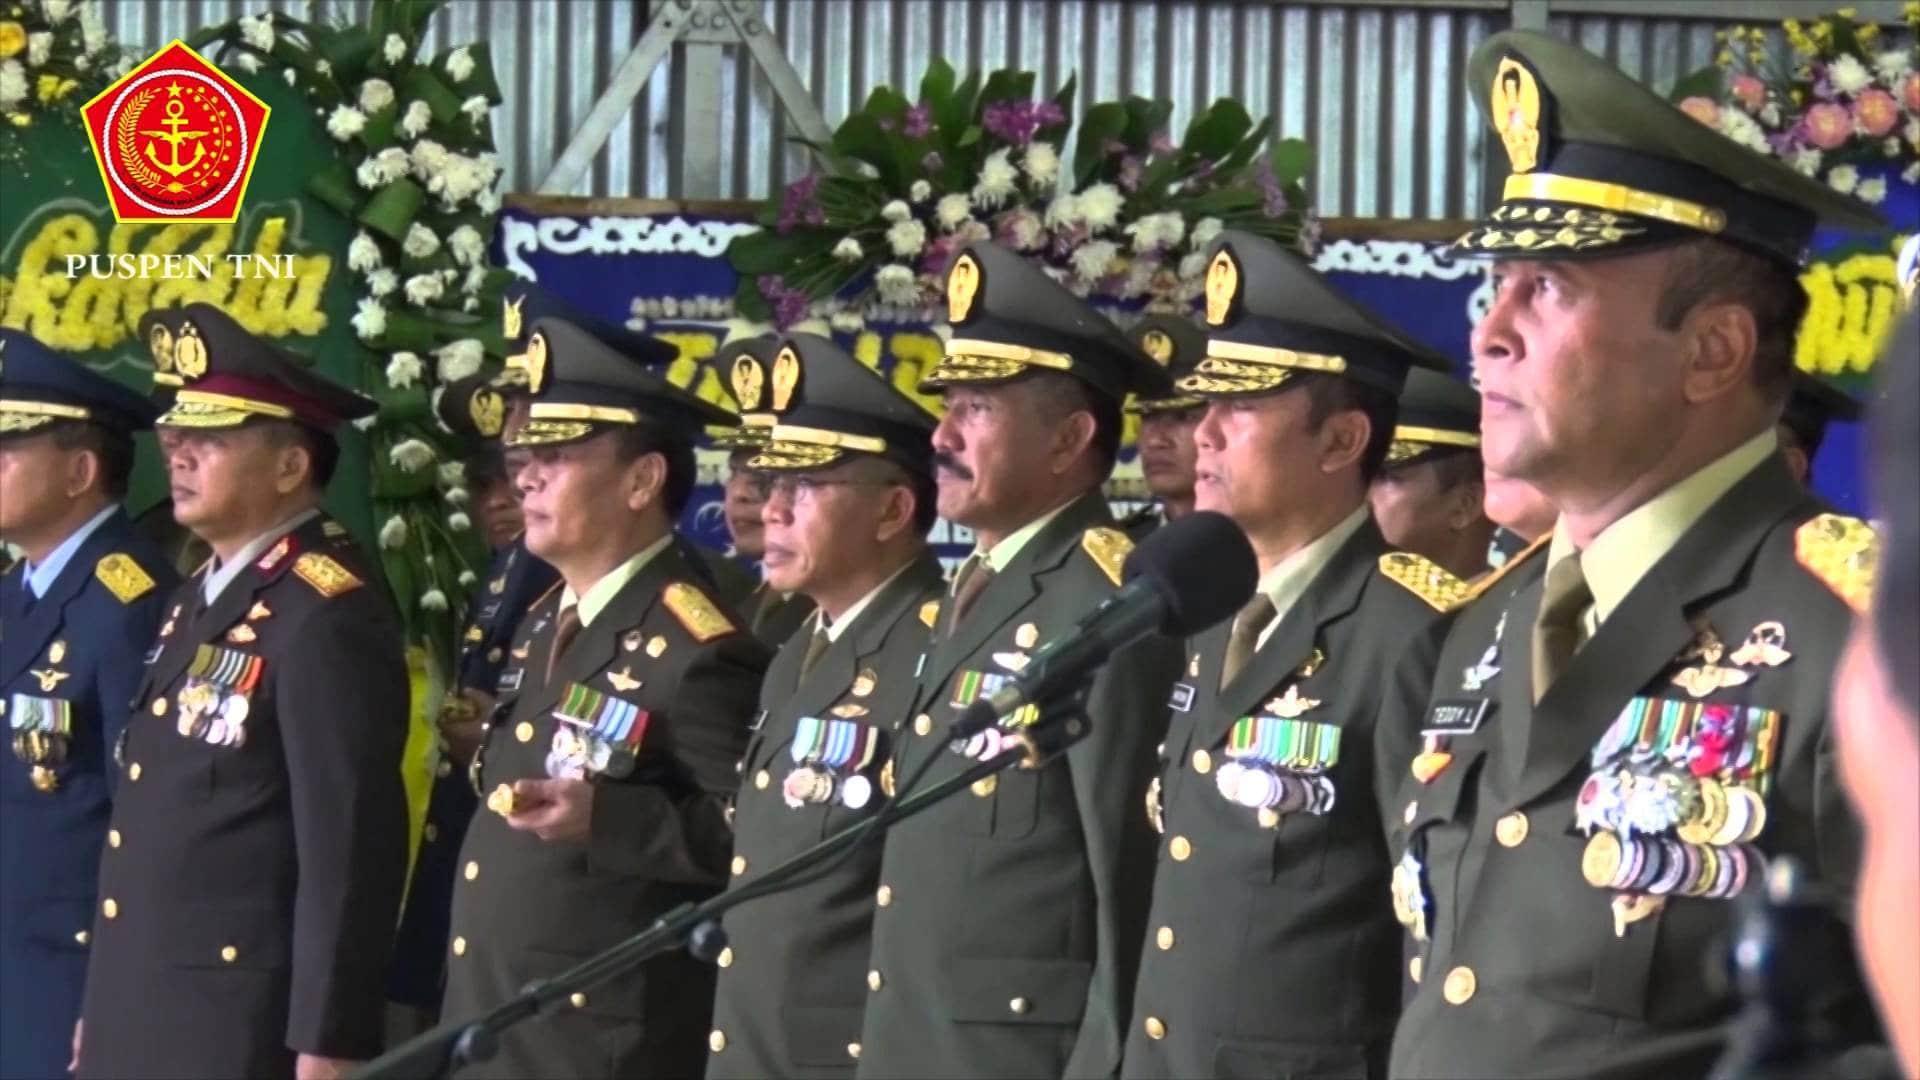 Video: Presiden RI Beri Penghormatan Terakhir kepada 13 Prajurit yang Gugur di Poso